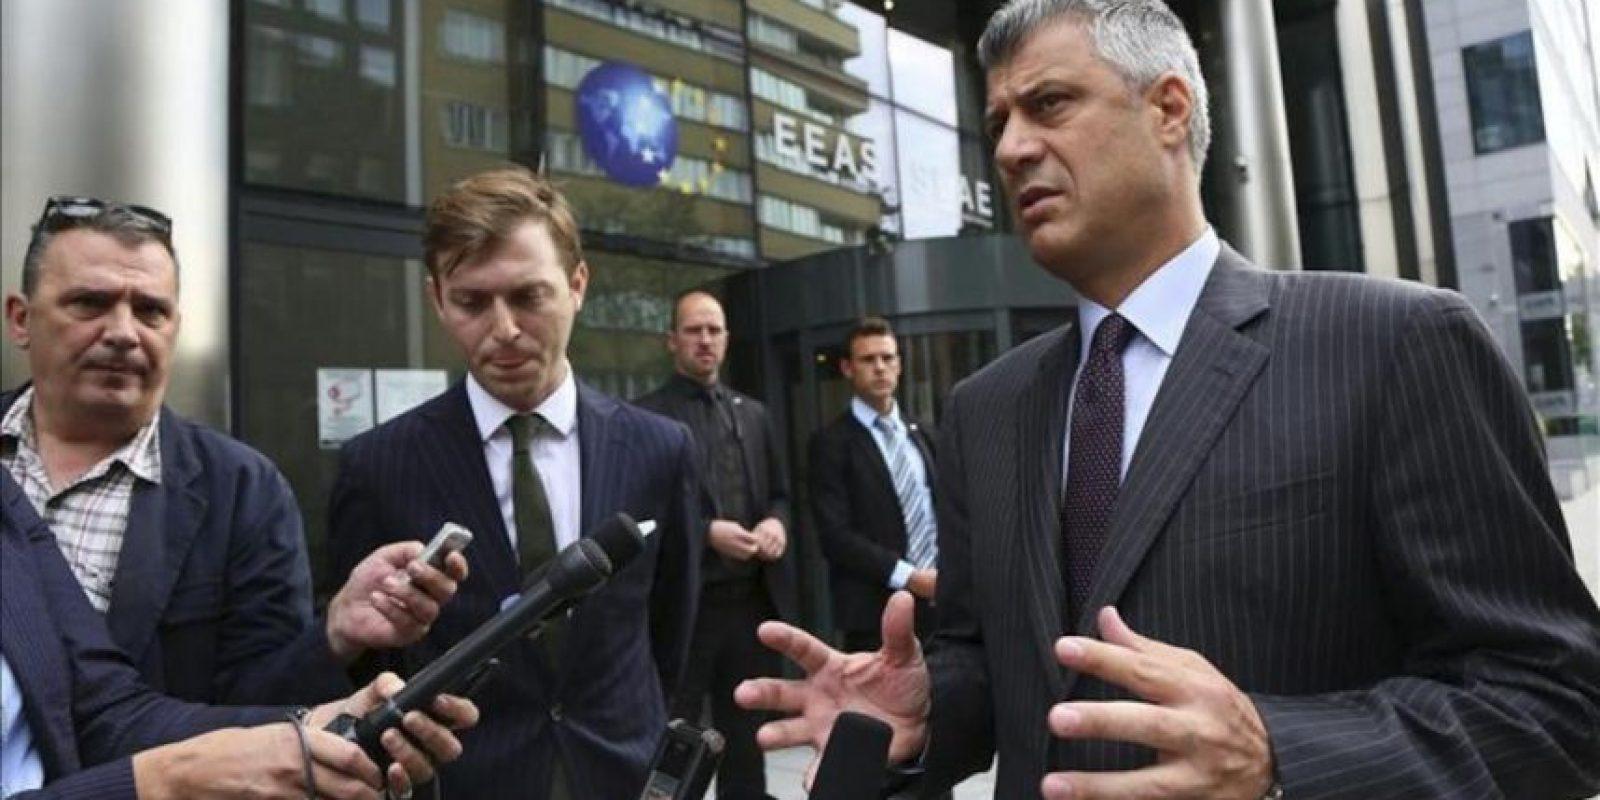 El primer ministro de Kosovo, Hashim Thaci, responde a los periodistas a su llegada a una reunión con su homólogo serbio, Ivica Dacic, y la jefa de la diplomacia europea, Catherine Ashton, en Bruselas (Bélgica). EFE